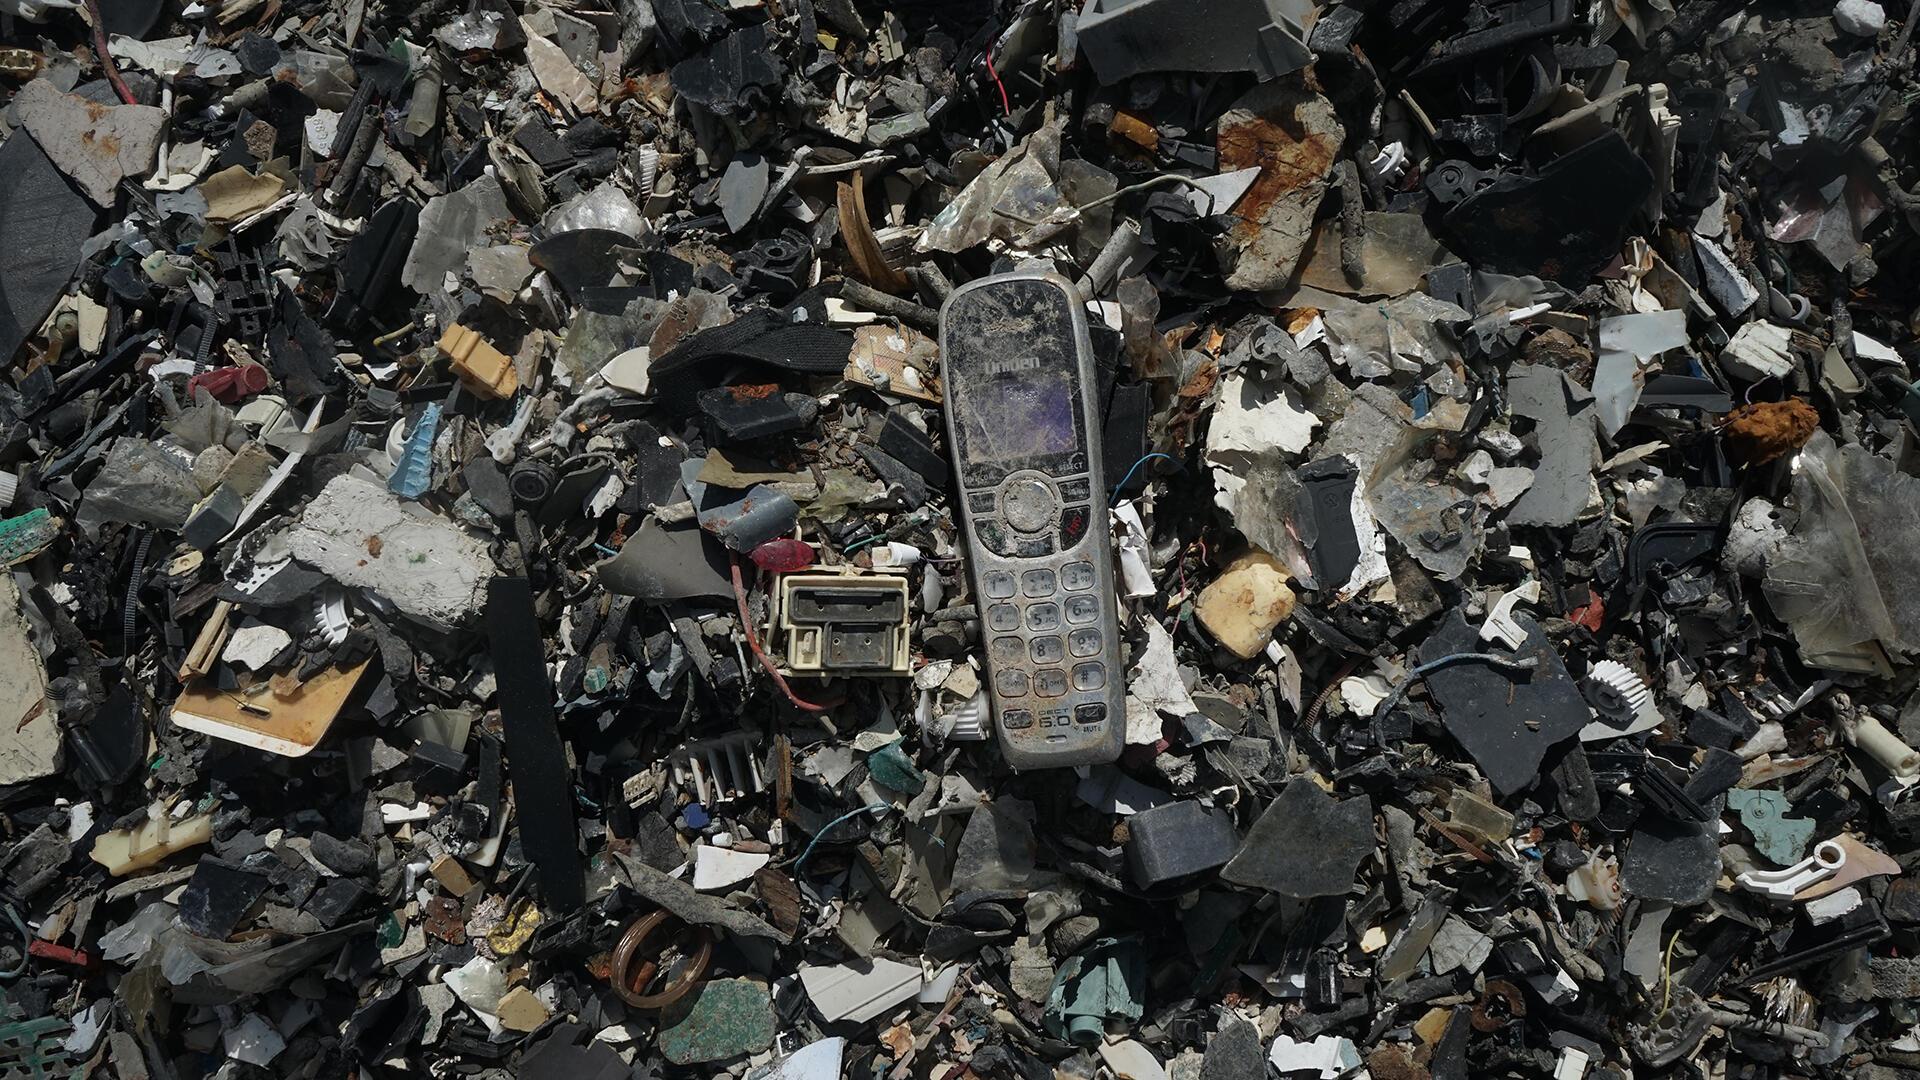 Malaisie -  vieux téléphone et des déchets électroniques